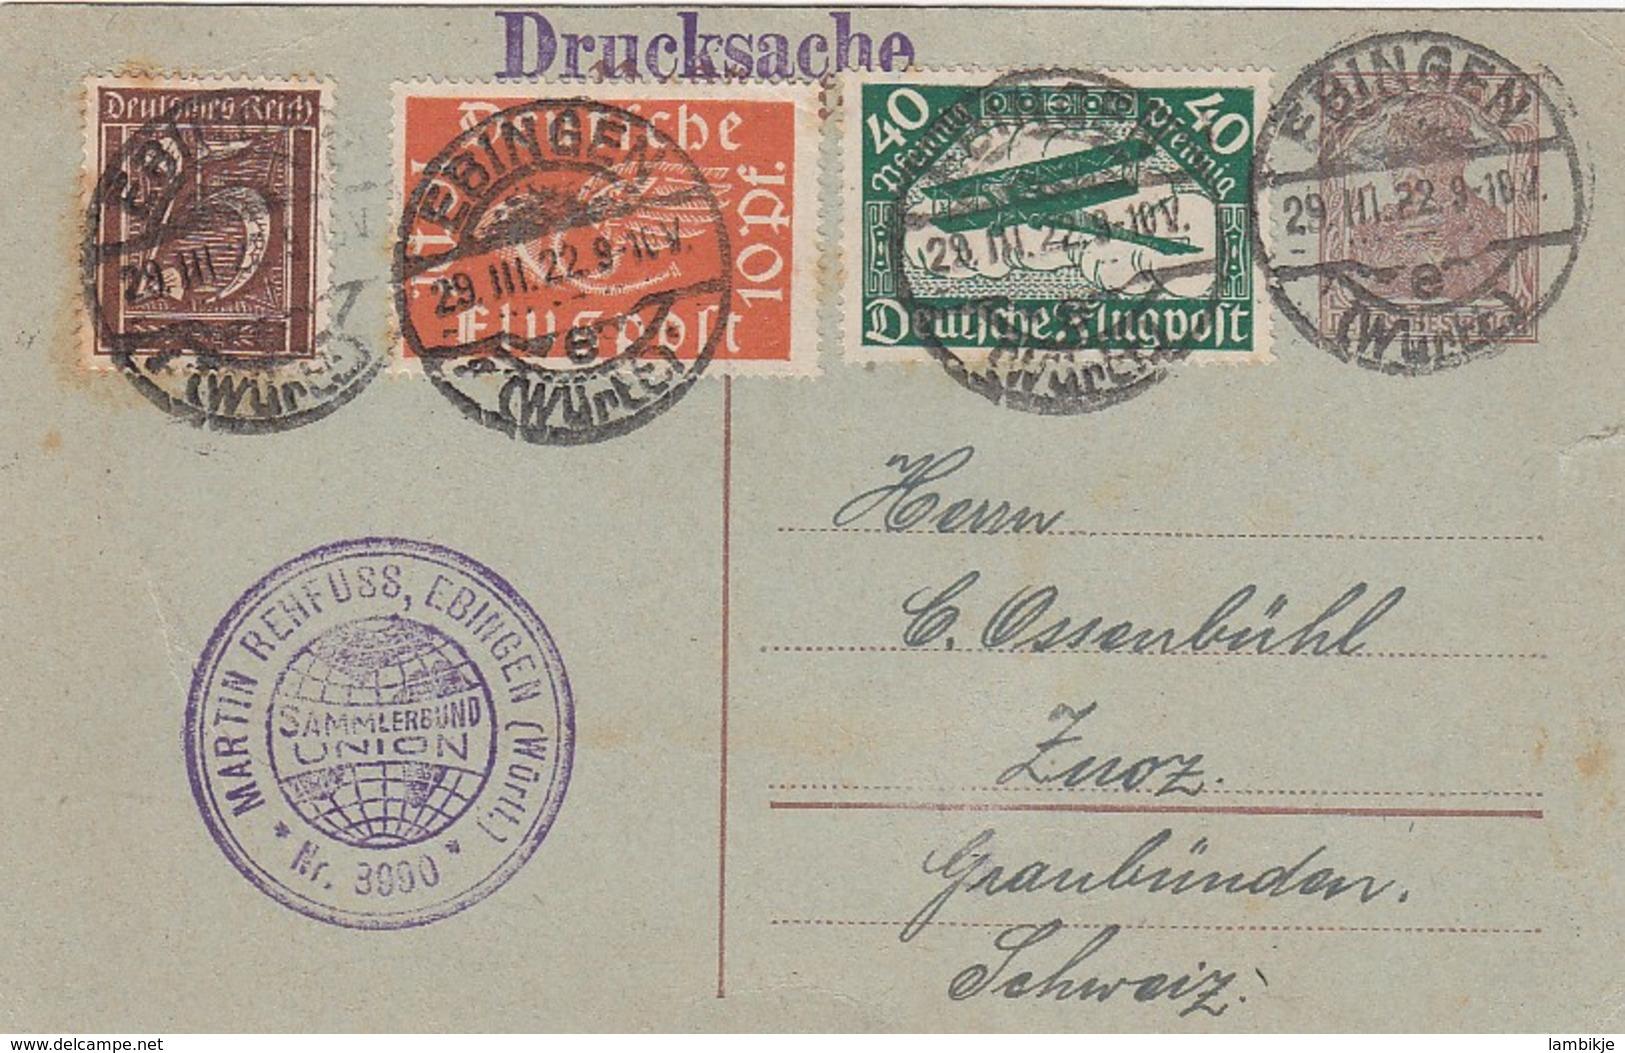 Deutsches Reich Postkarte Flugpost 1922 - Deutschland